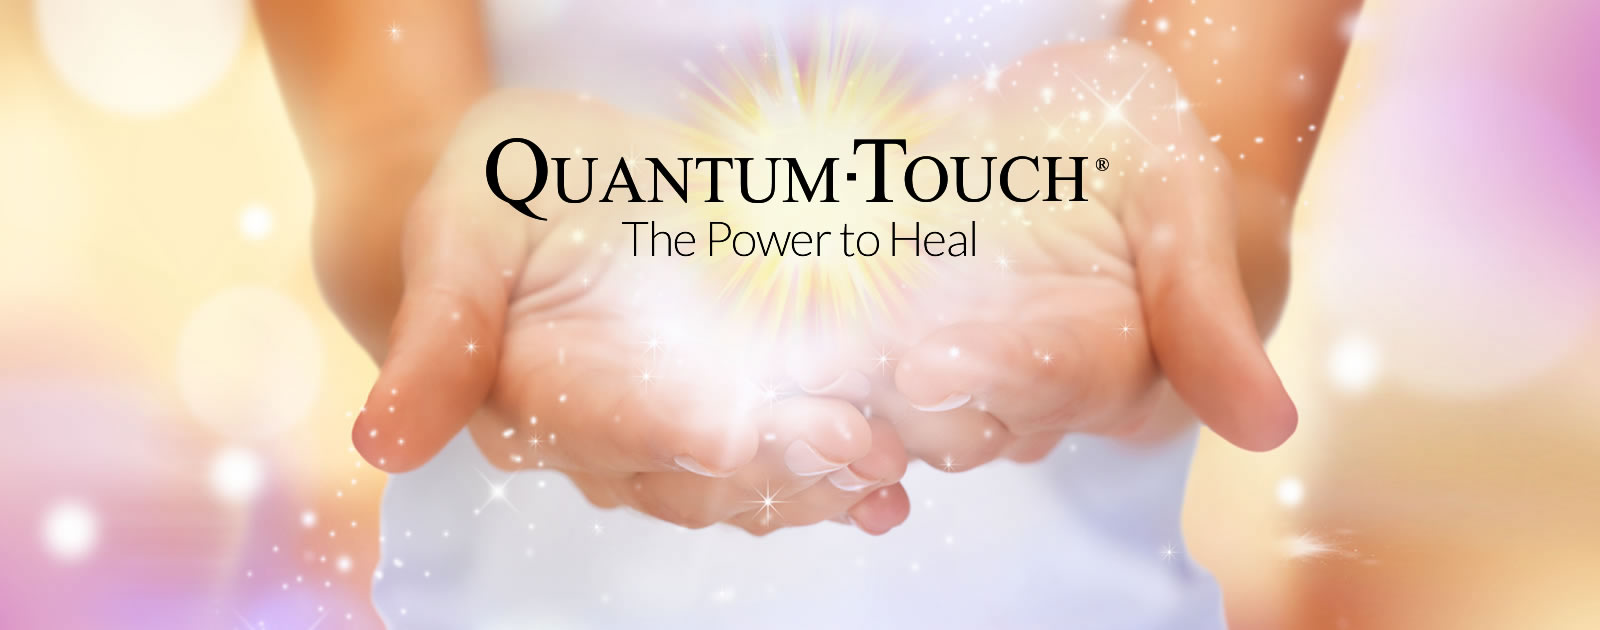 Home - Quantum Vision